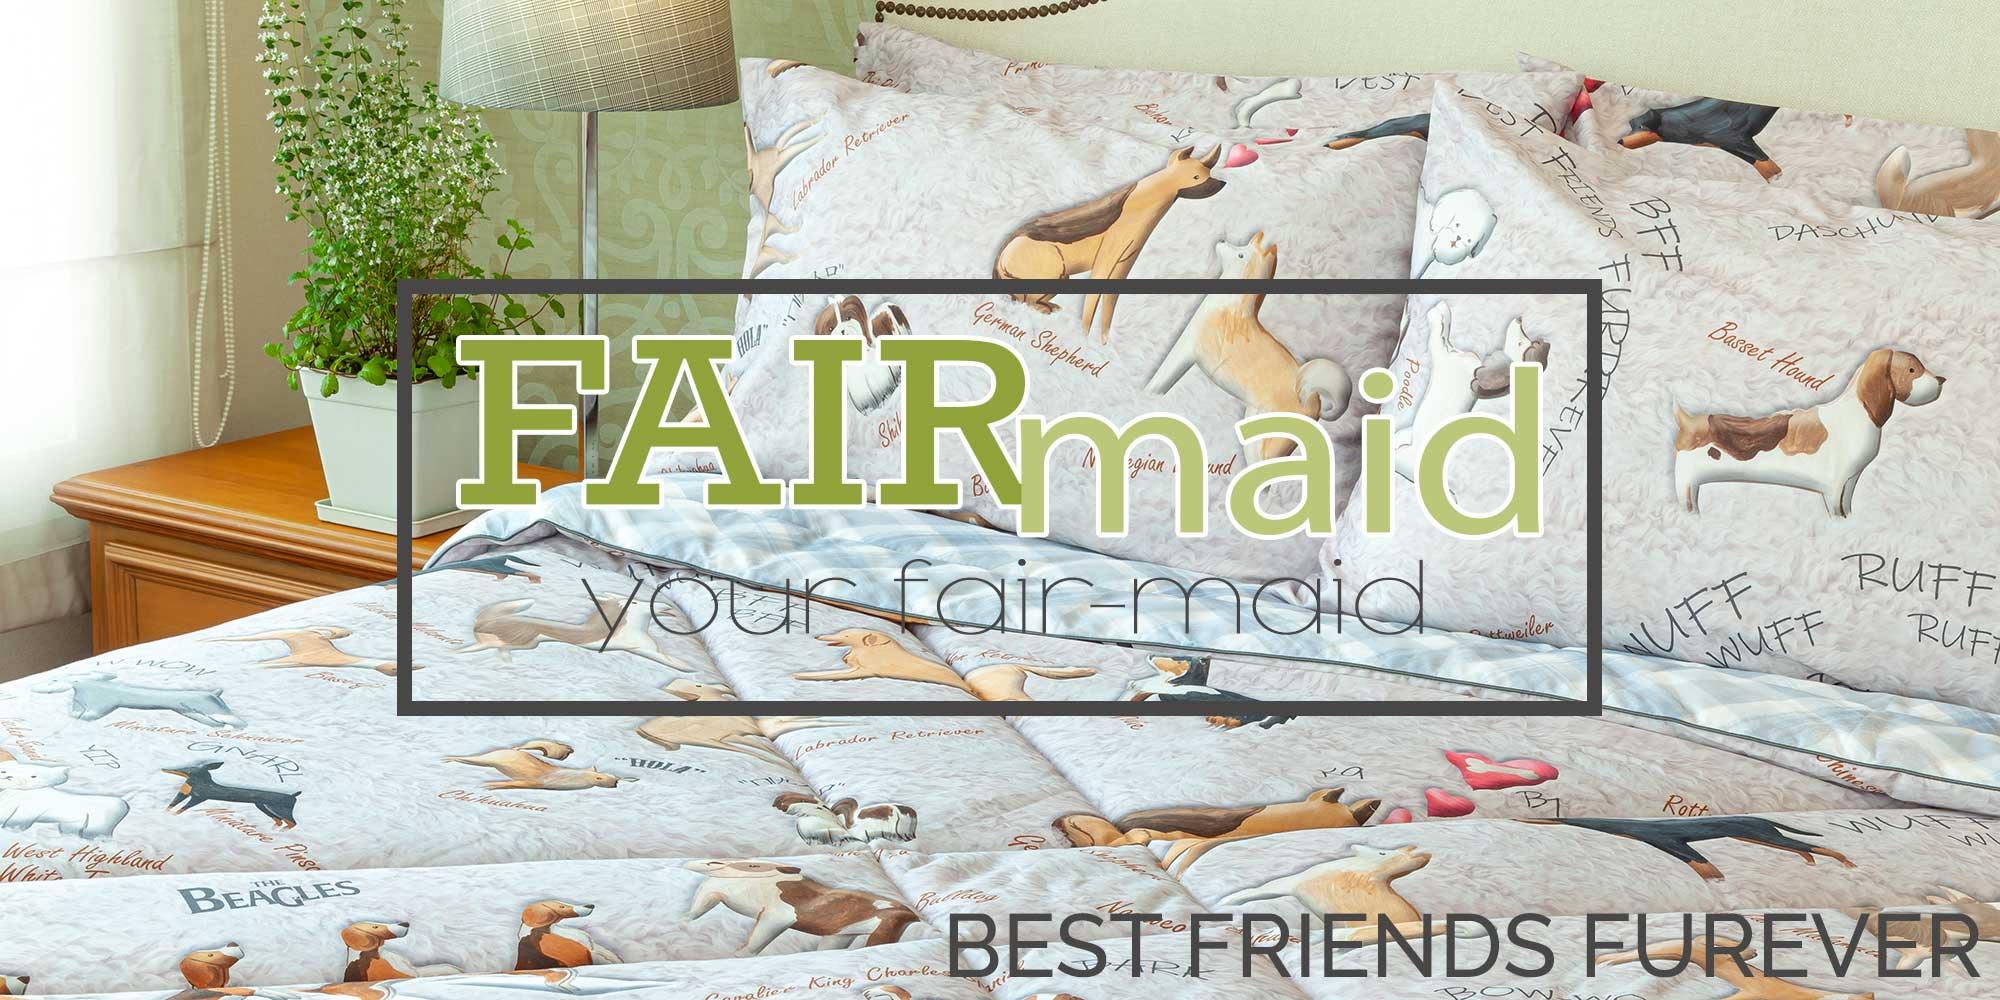 ชุดเครื่องนอน ผ้าปูที่นอน ปลอกผ้านวม และปลอกหมอน fairmaid